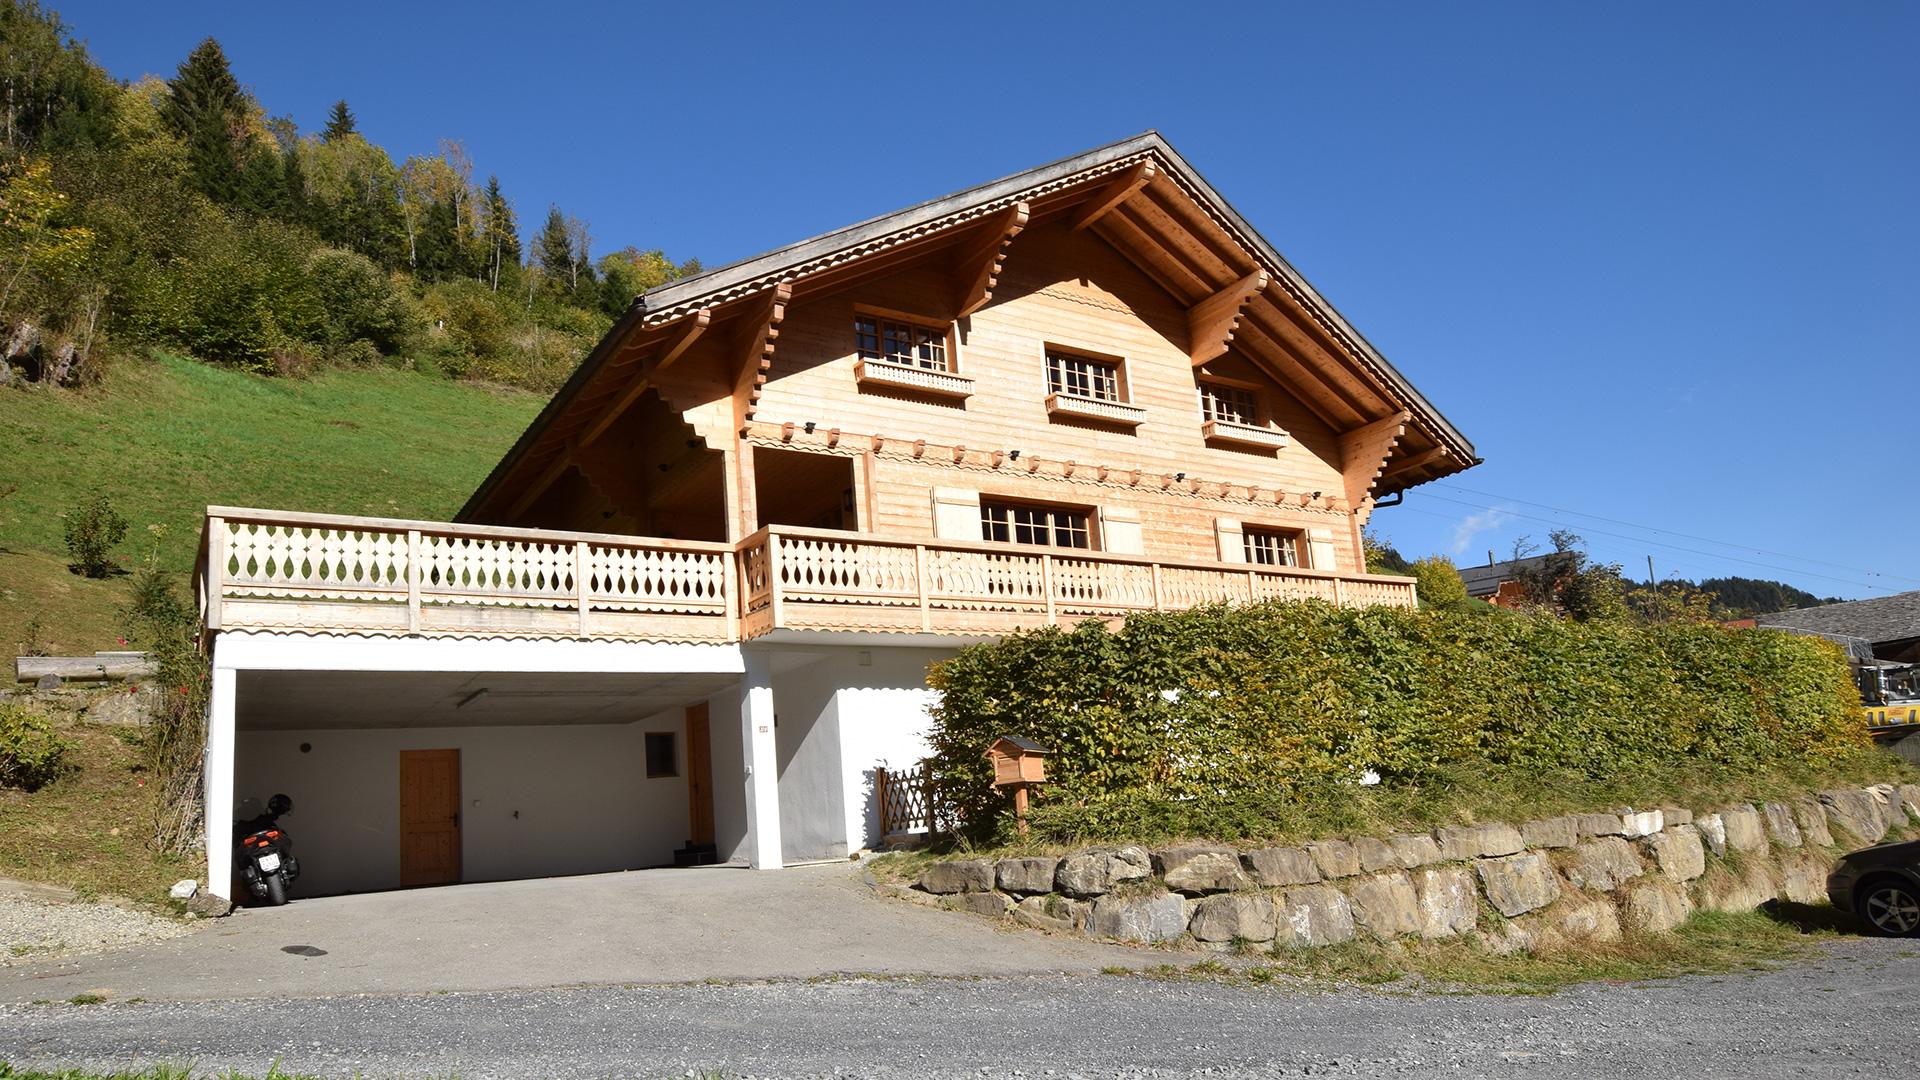 Chalet Tiere Chalet, Switzerland